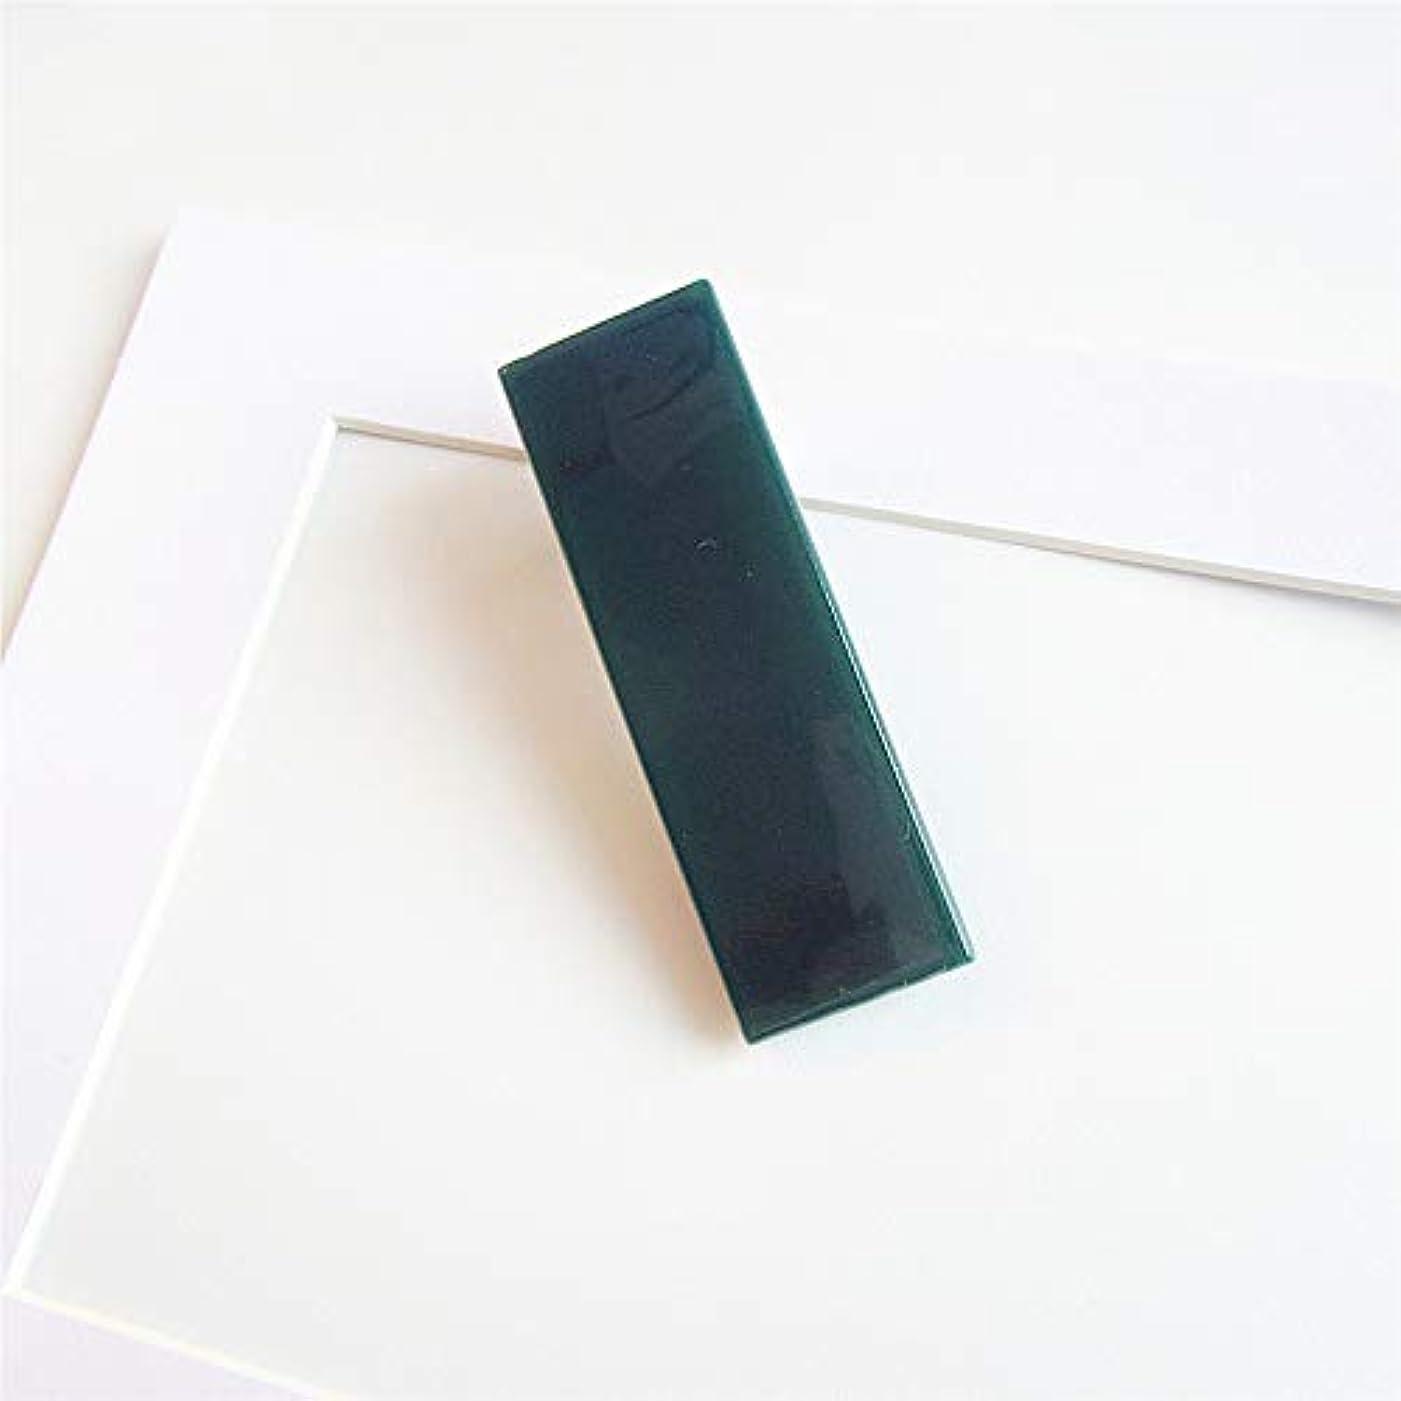 地上の誠実さ利用可能HuaQingPiJu-JP 1 Pcシンプルなエレガントなヘアクリップファッションアクセサリー(ダークグリーン)